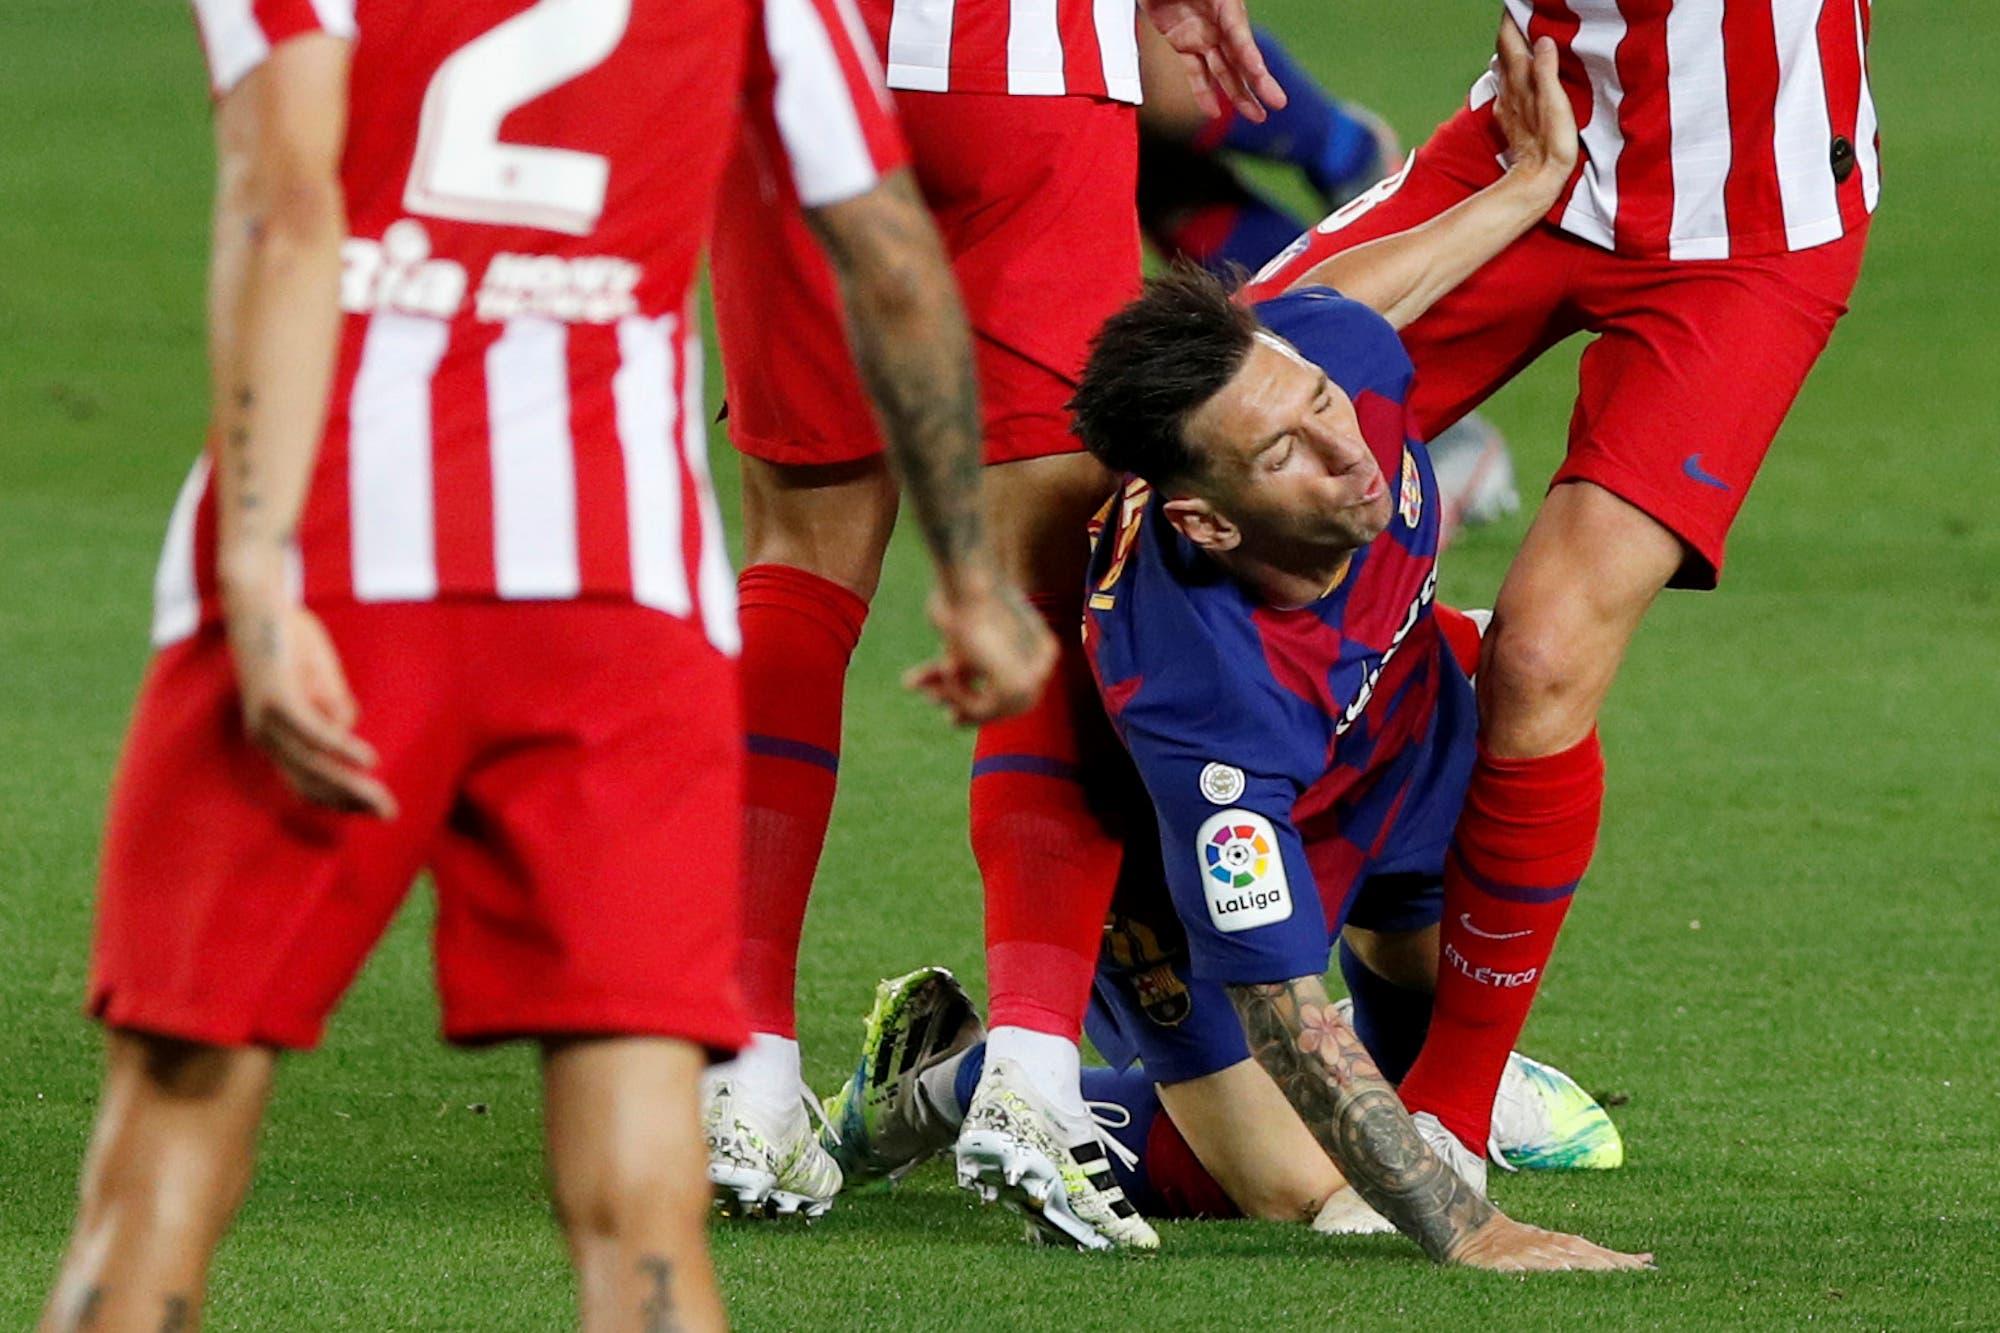 Villarreal - Barcelona: cómo ver EN VIVO a Lionel Messi en un partido crítico